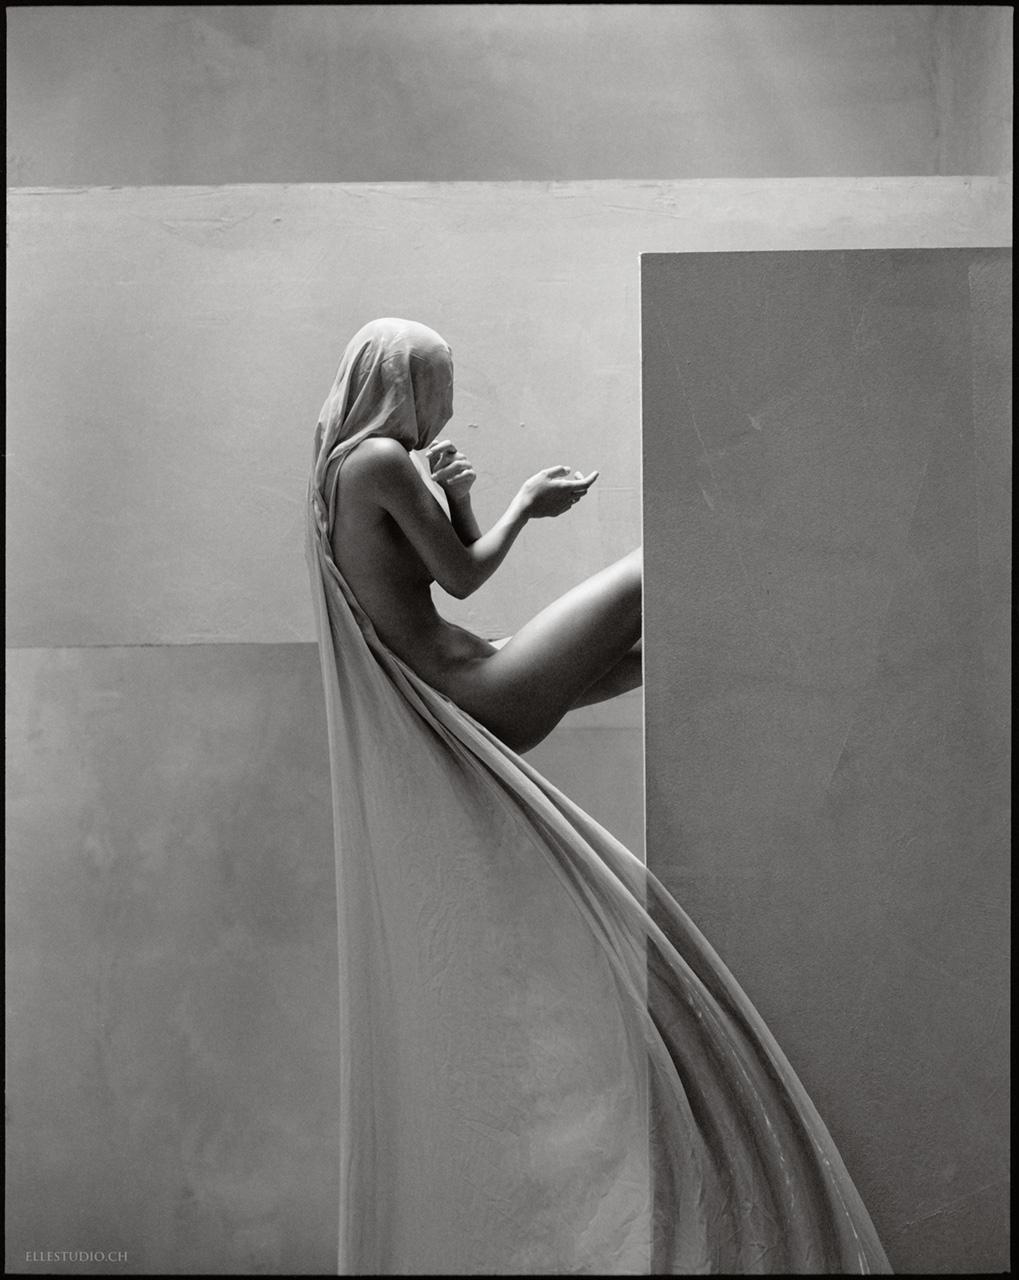 Art Nude photography by Fabien Queloz, nu artistique contemporain, art du nu